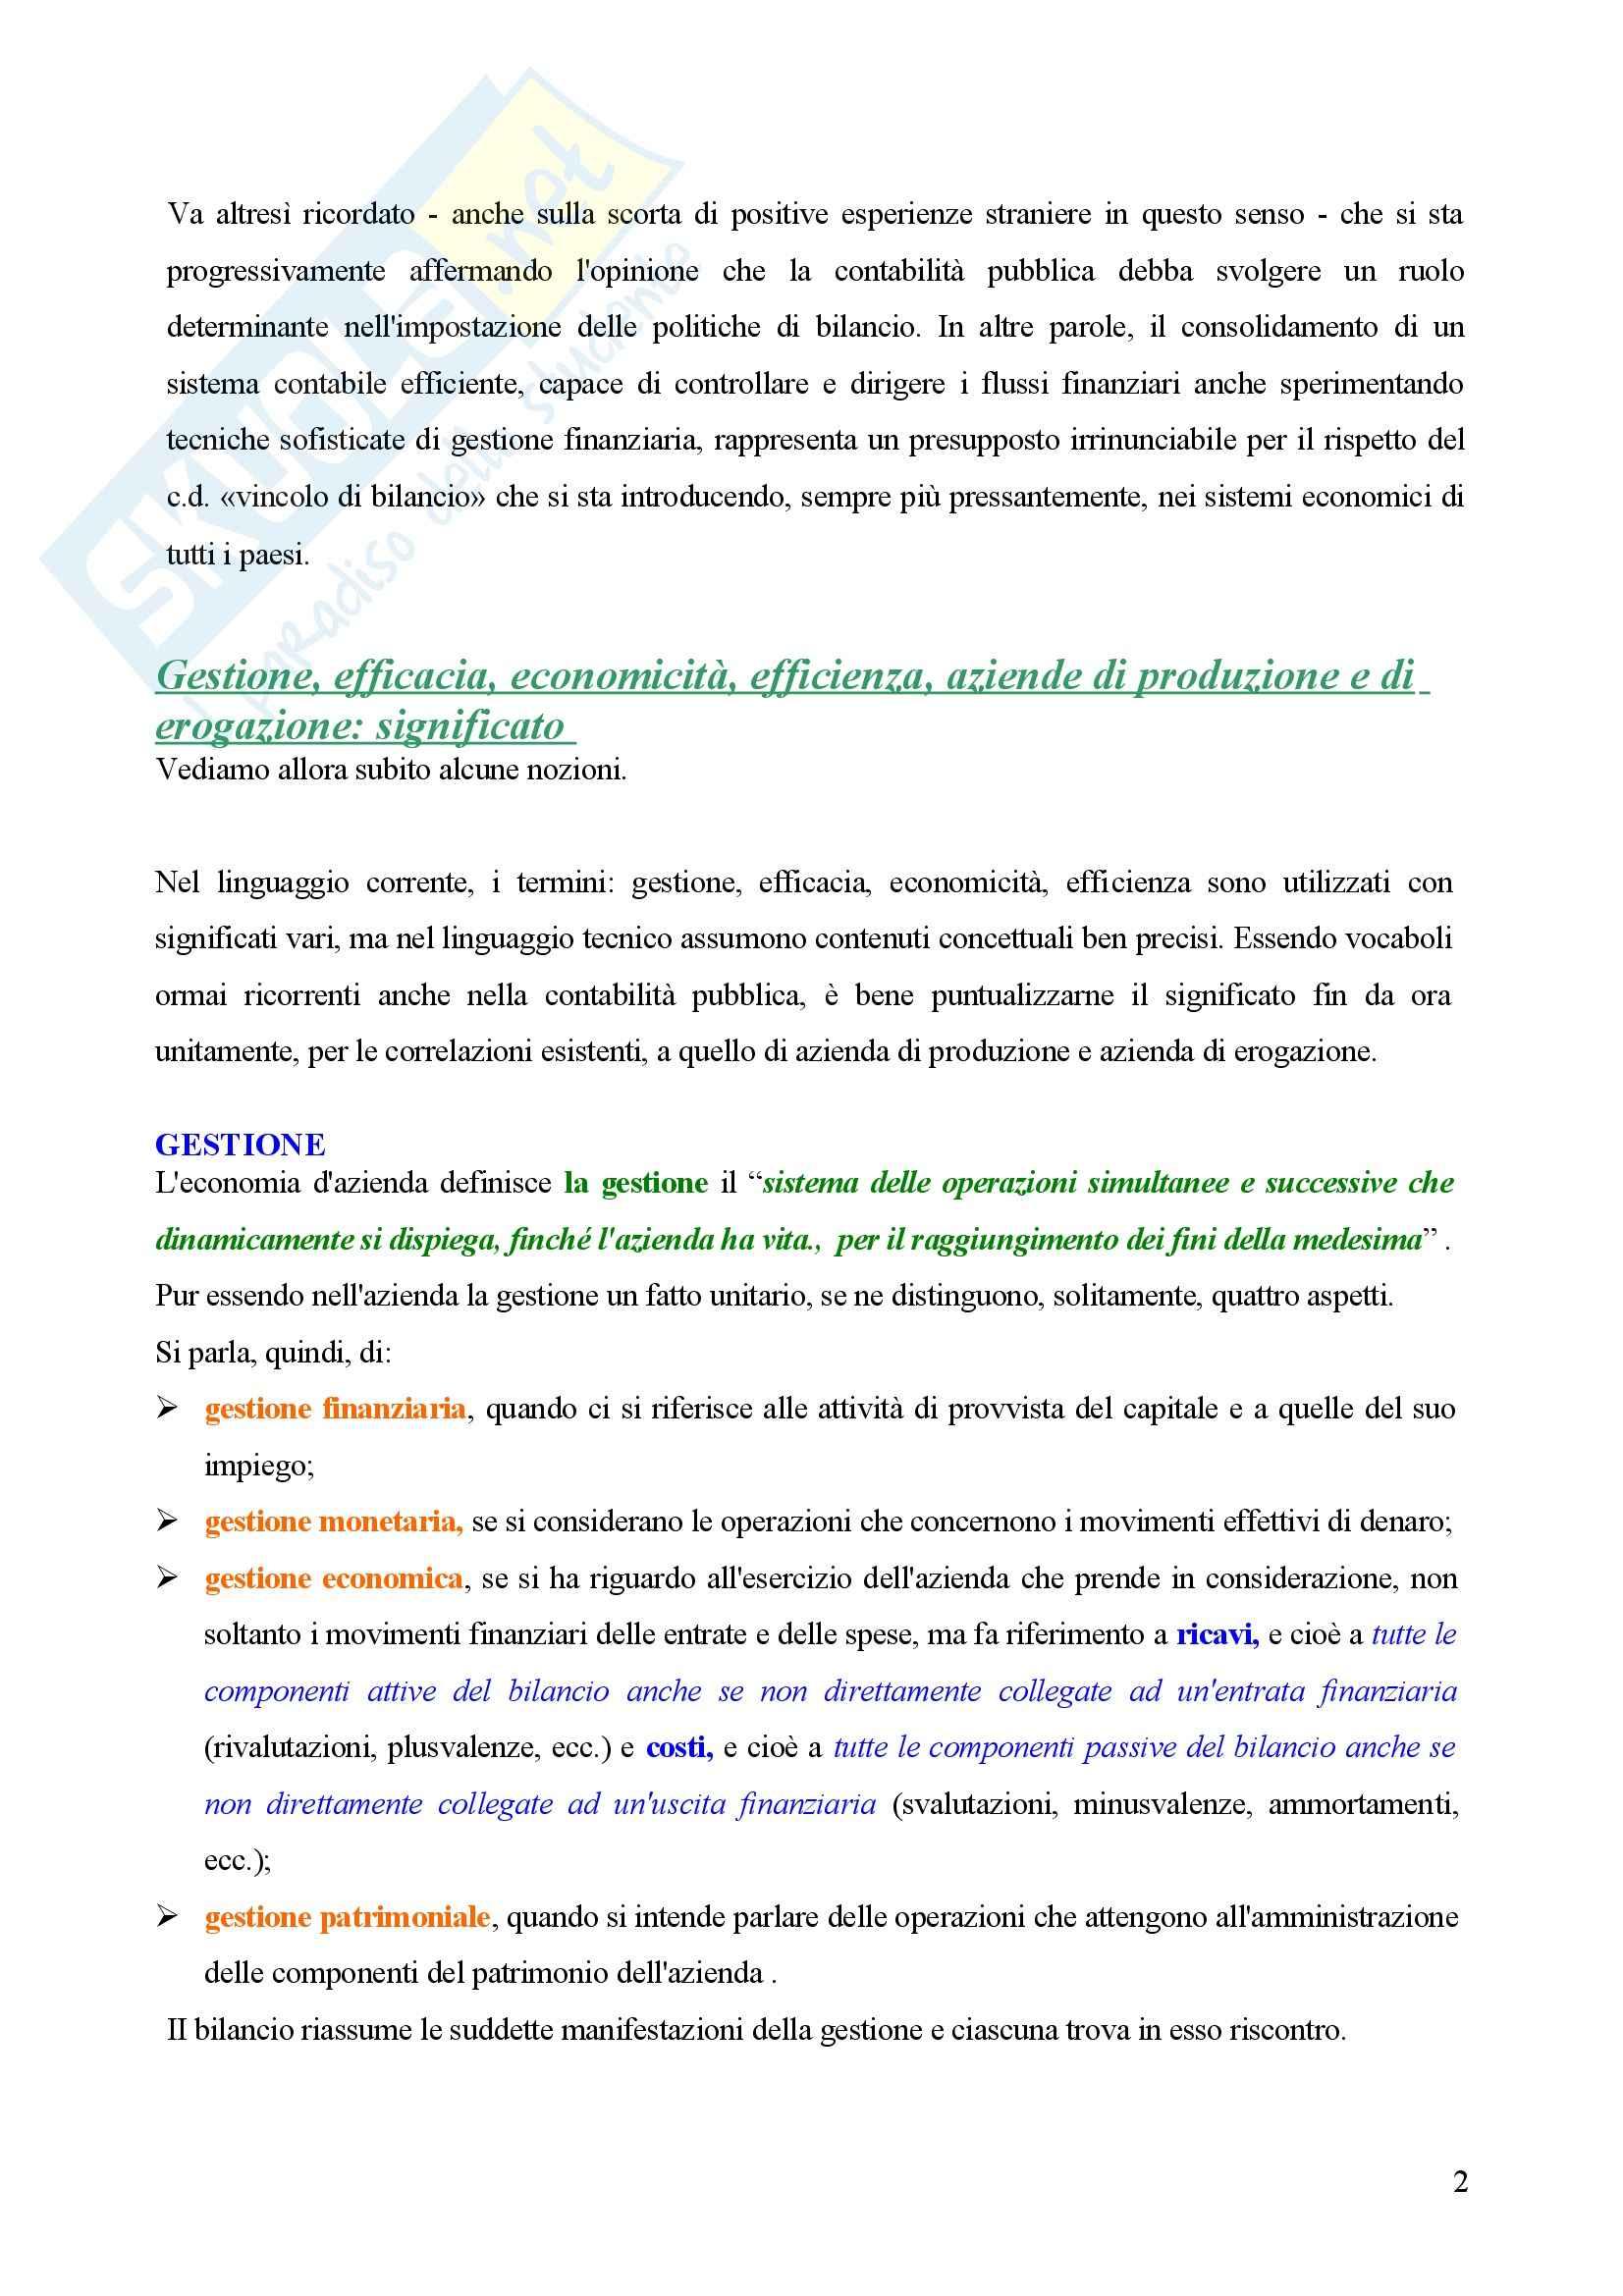 Contabilità pubblica - Compendio Pag. 2